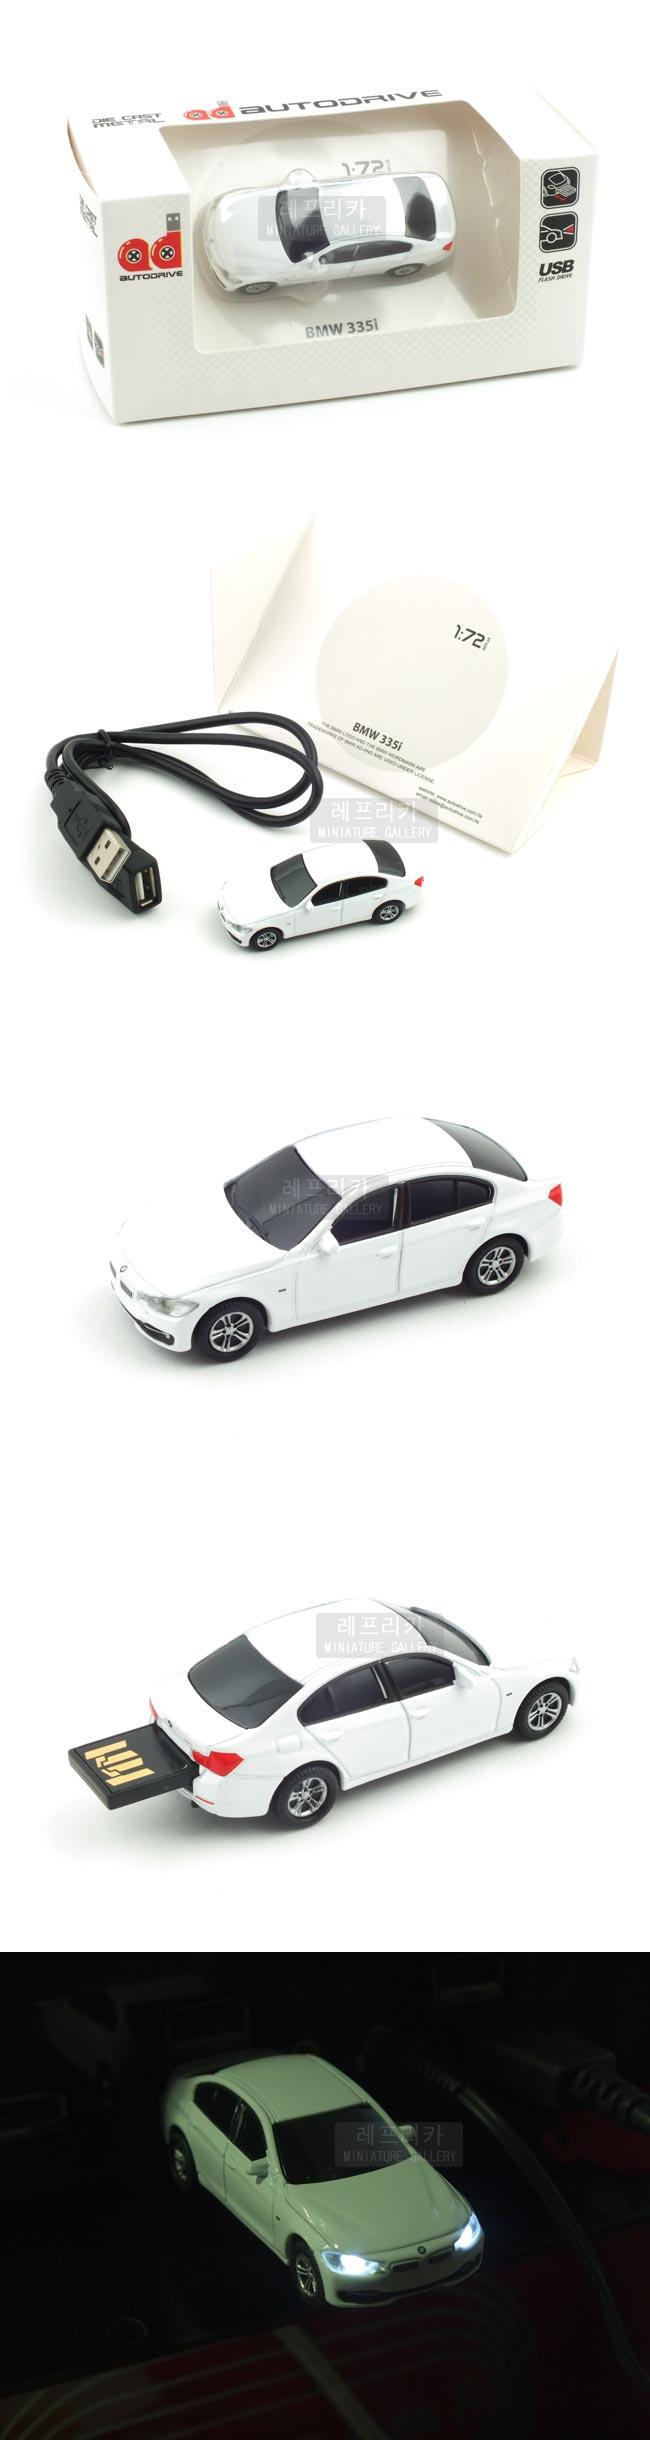 BMW 335i - USB 16GB (WE002015WH) USB 메모리 - 레프리카, 70,000원, 캐릭터형 USB 메모리, USB 16G